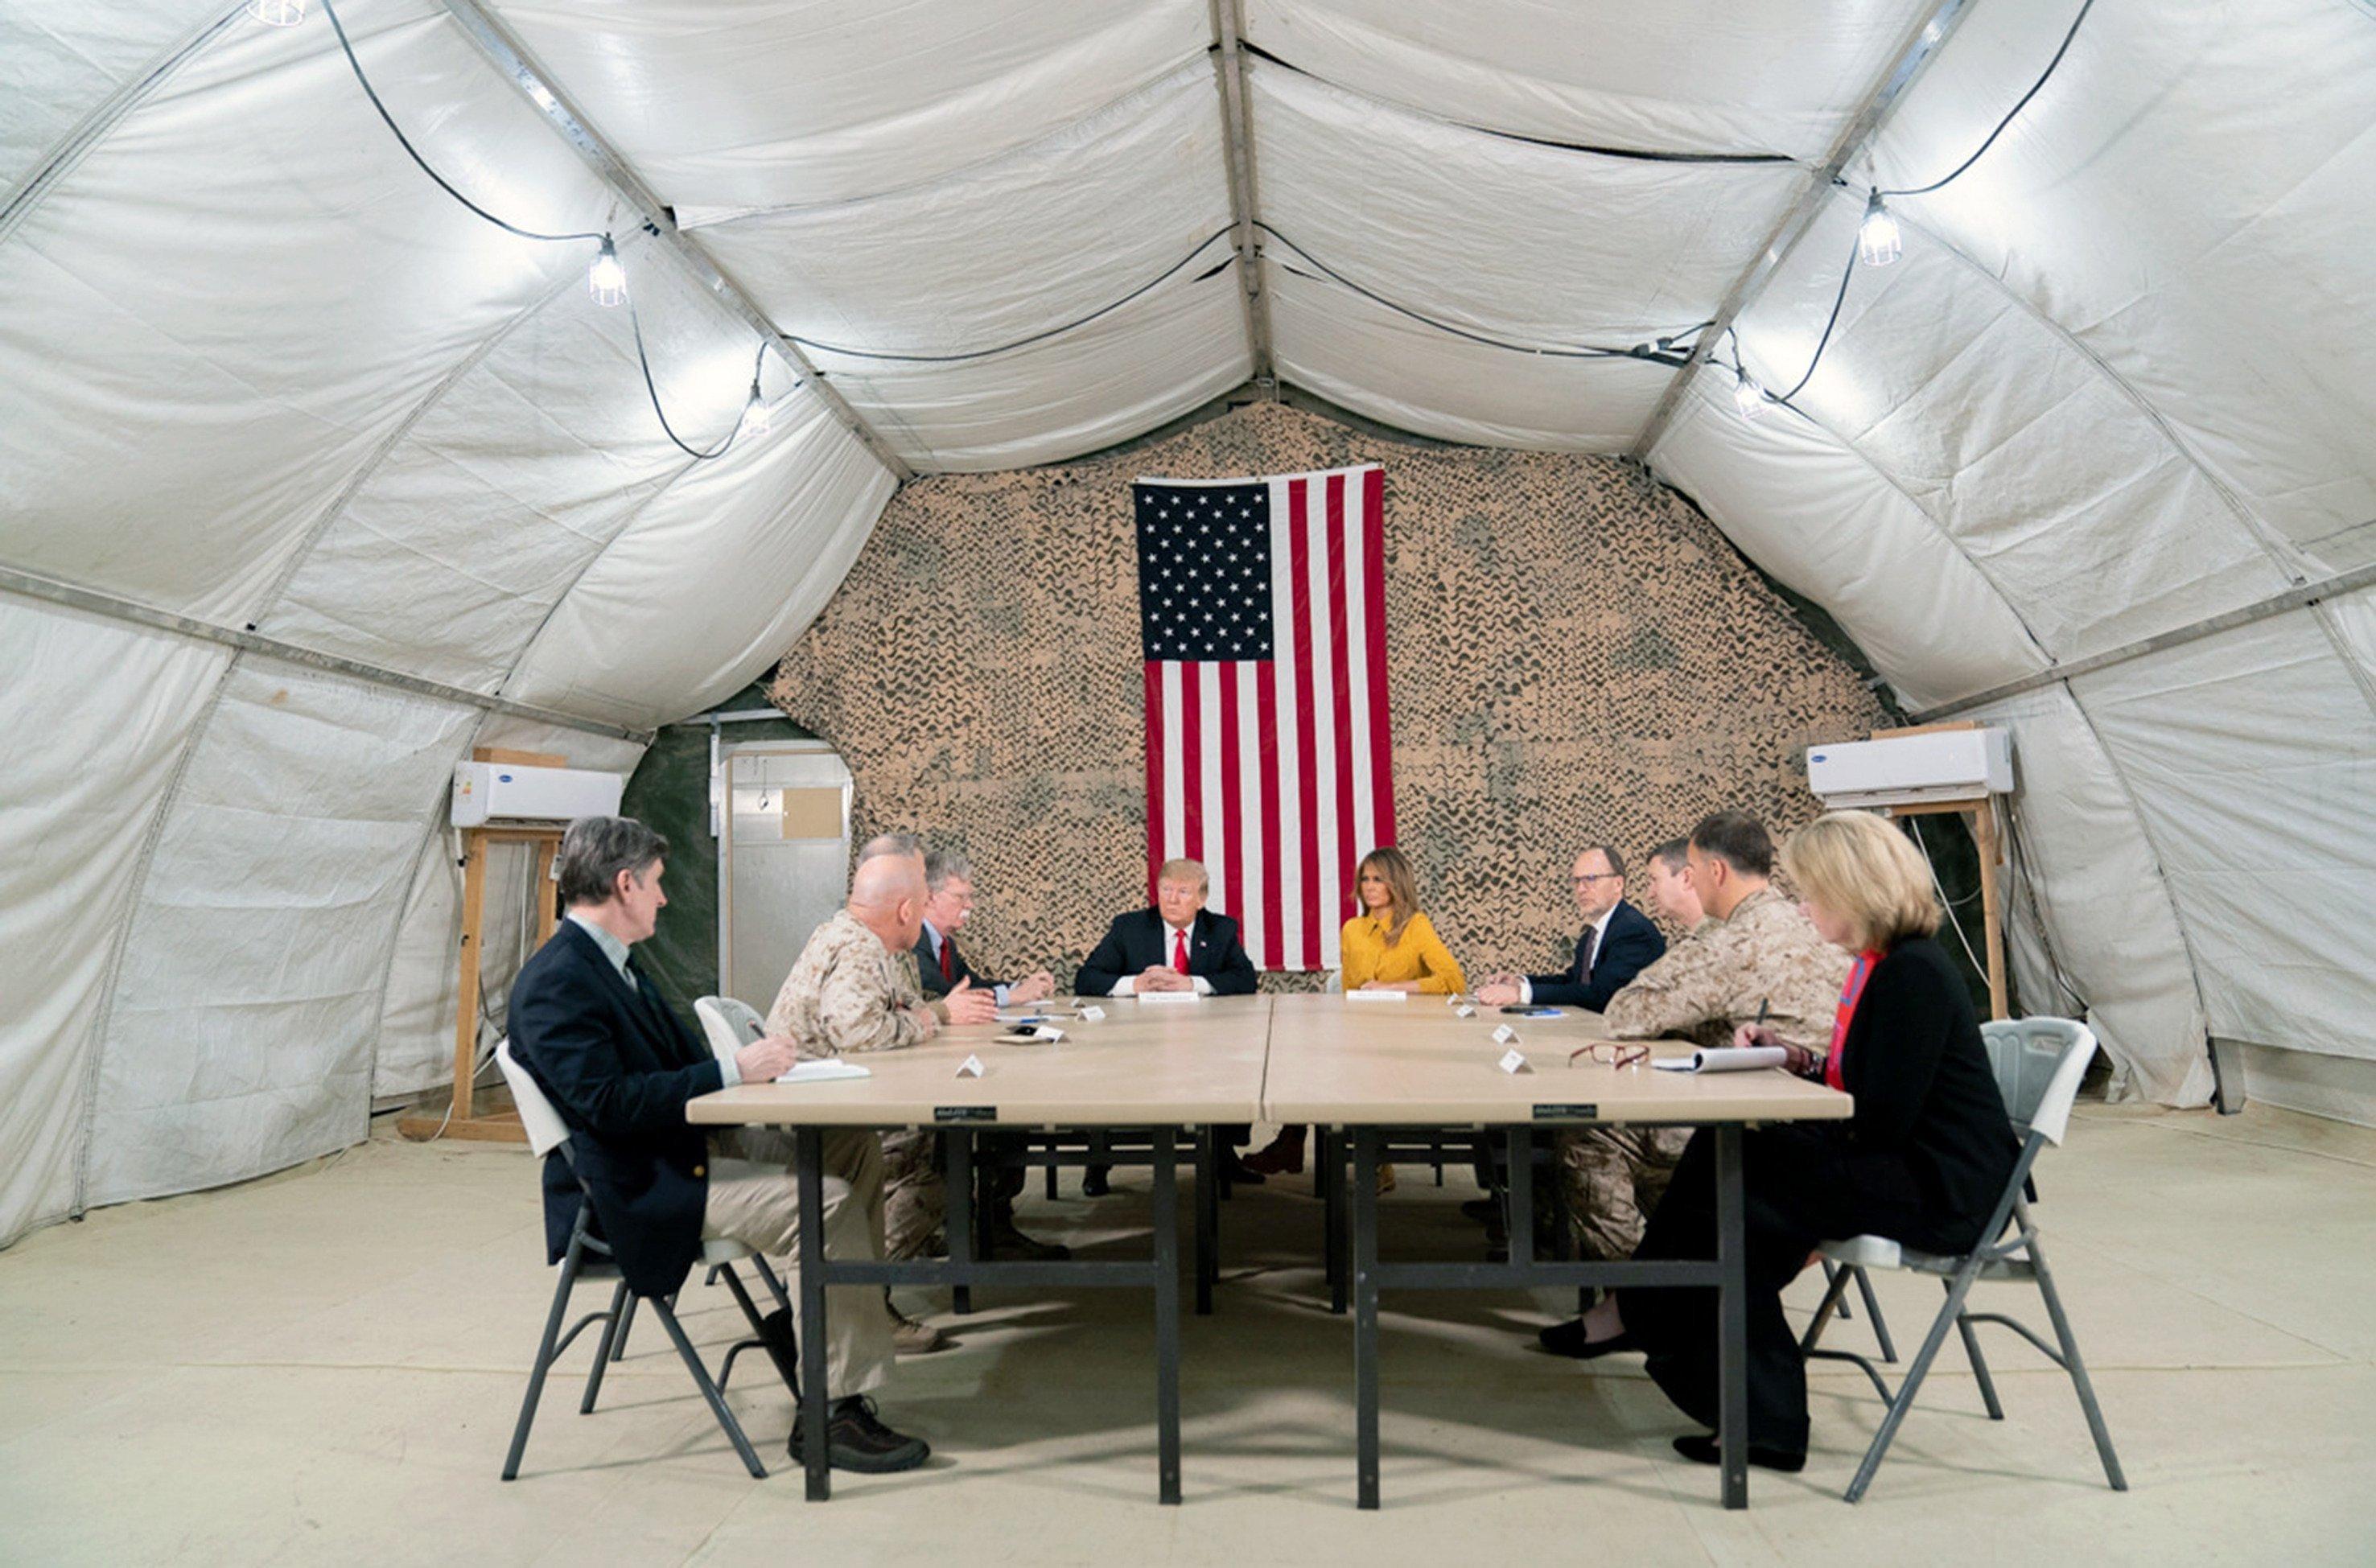 Mehrere Personen sitzen in einem Zelt. Im Hintergrund hängt die US-amerikanische Fahne.